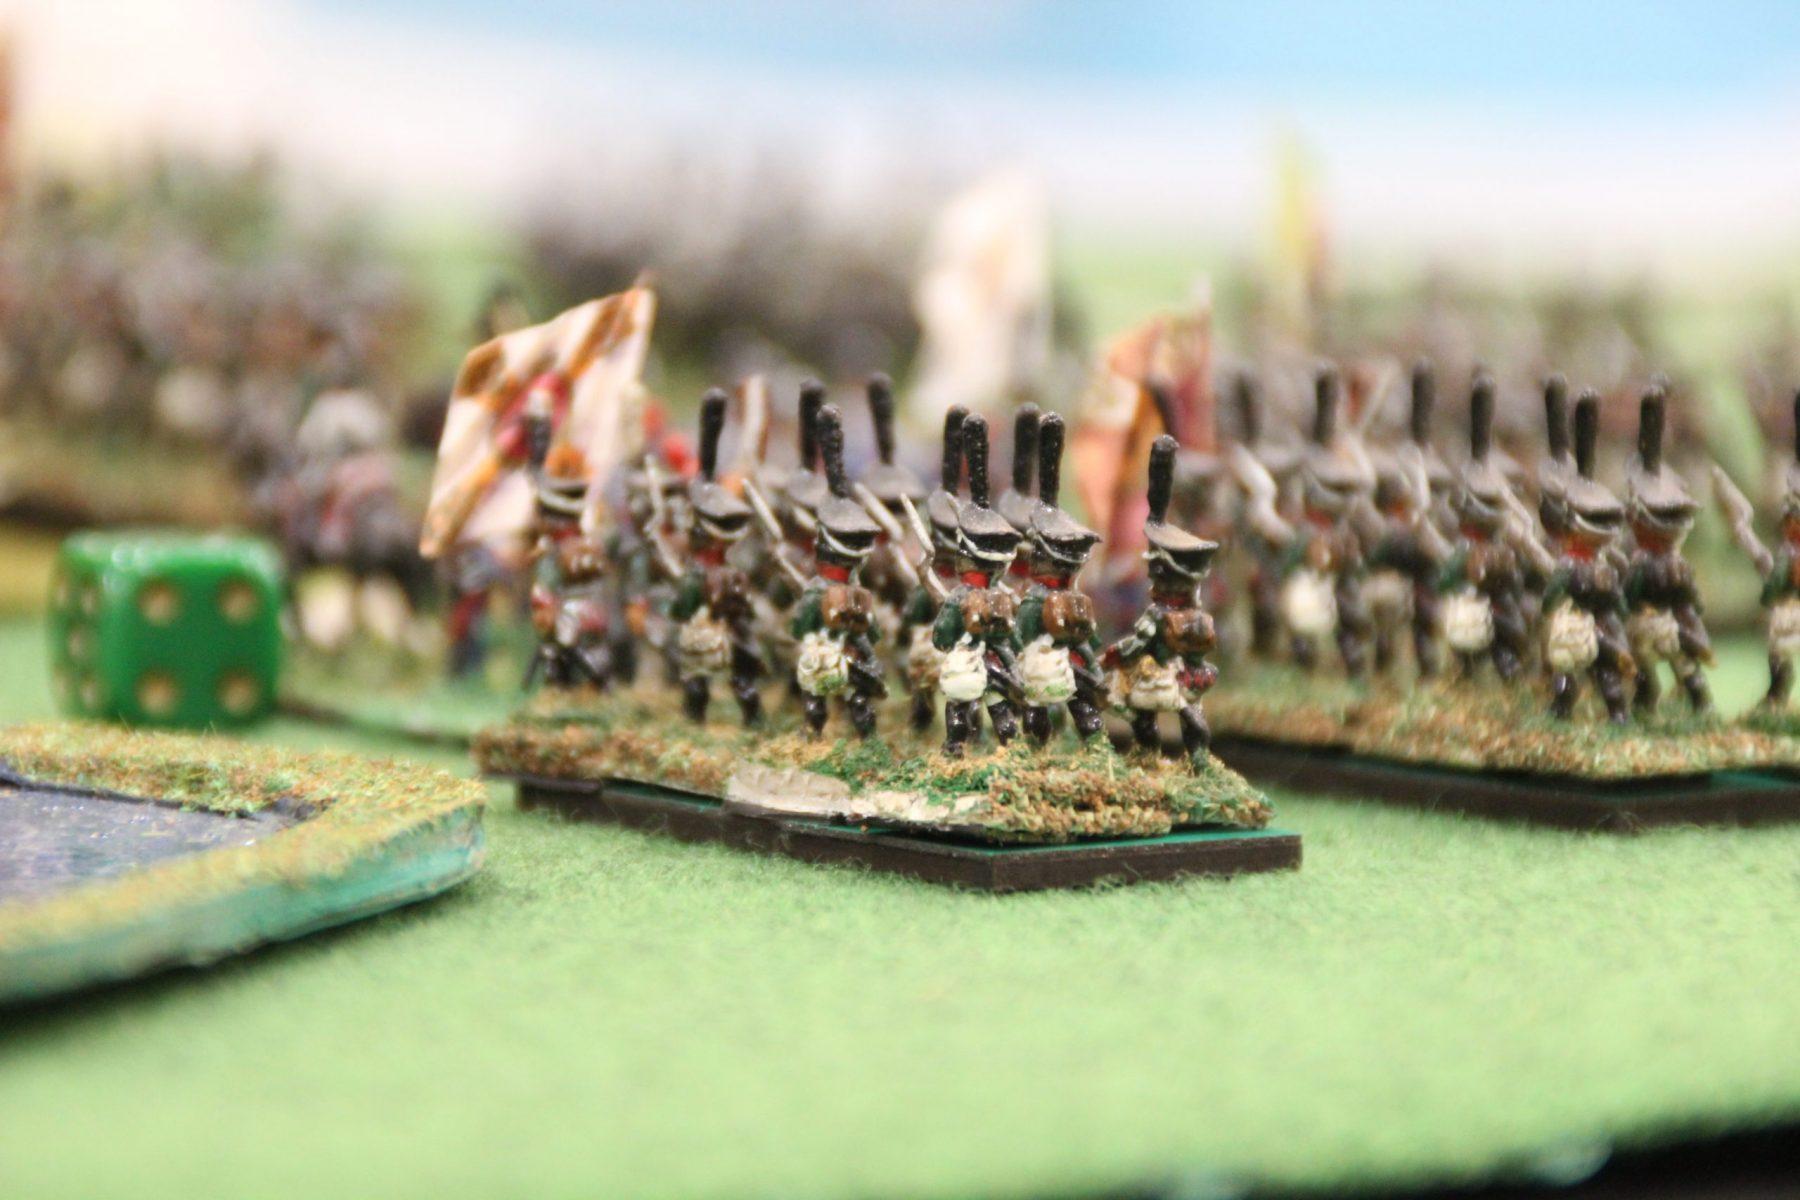 Unité russe en formation.